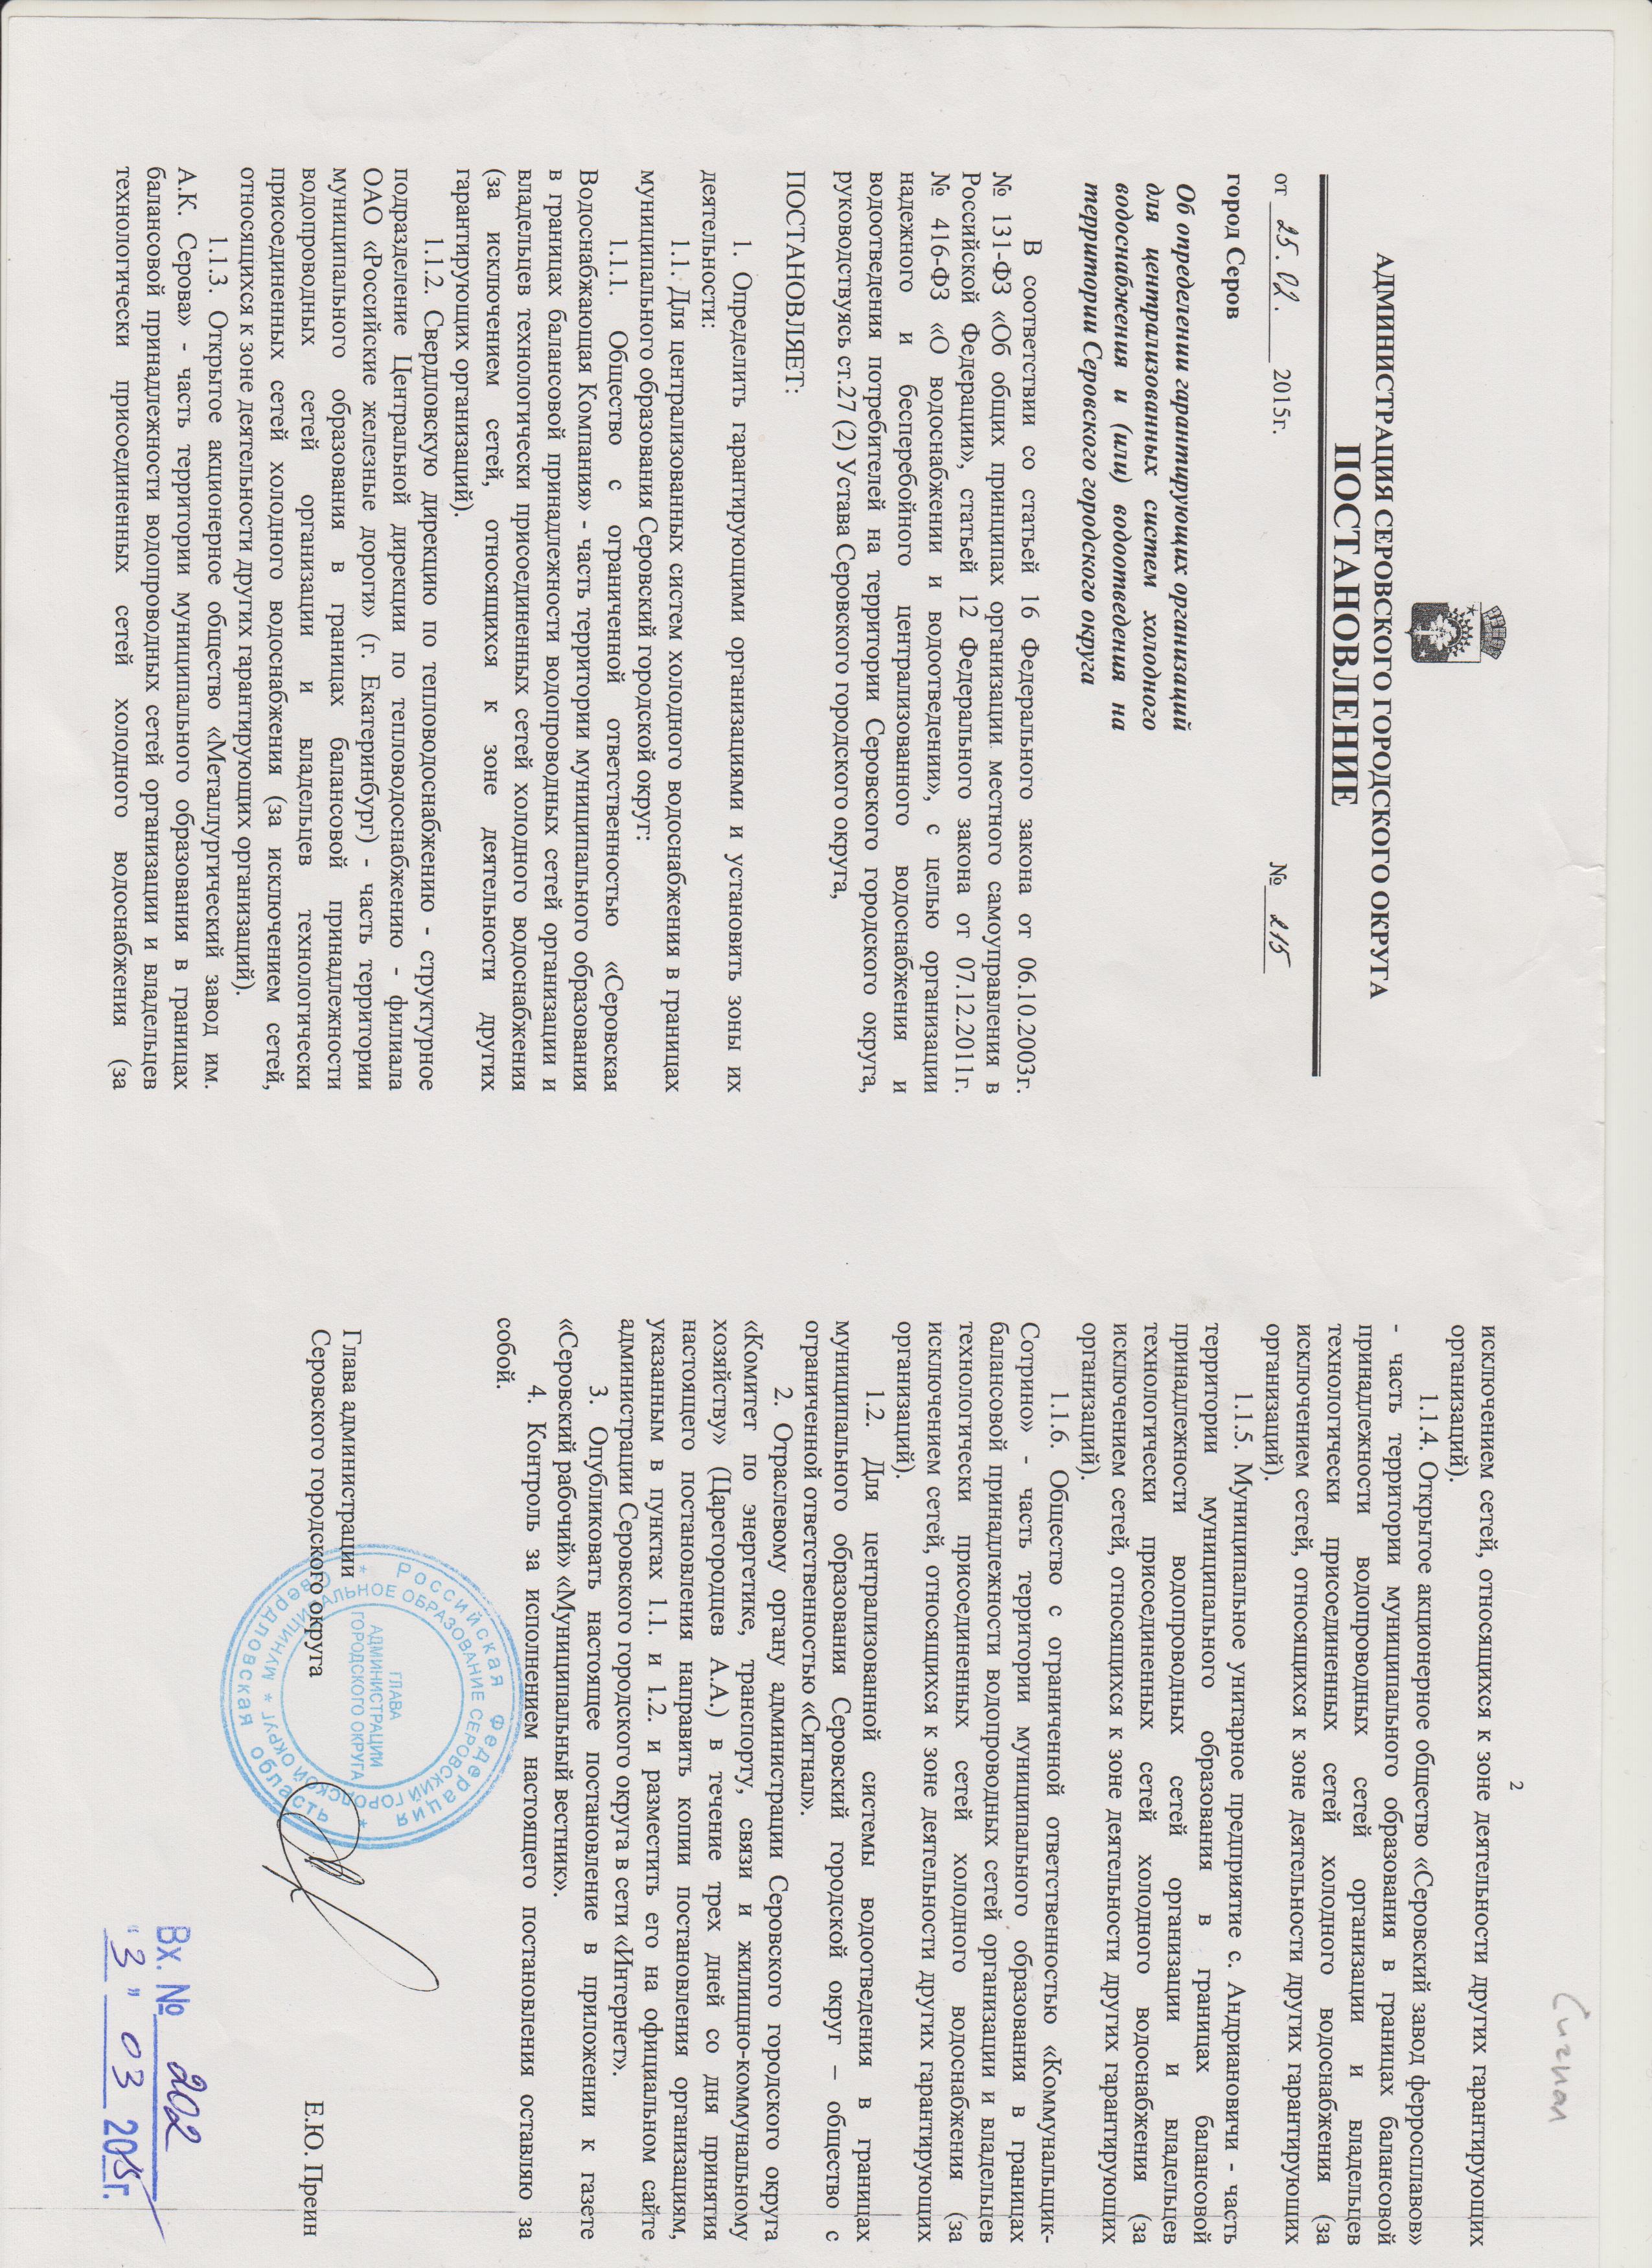 план мероприятий по внедрению профстандартов в организации образец